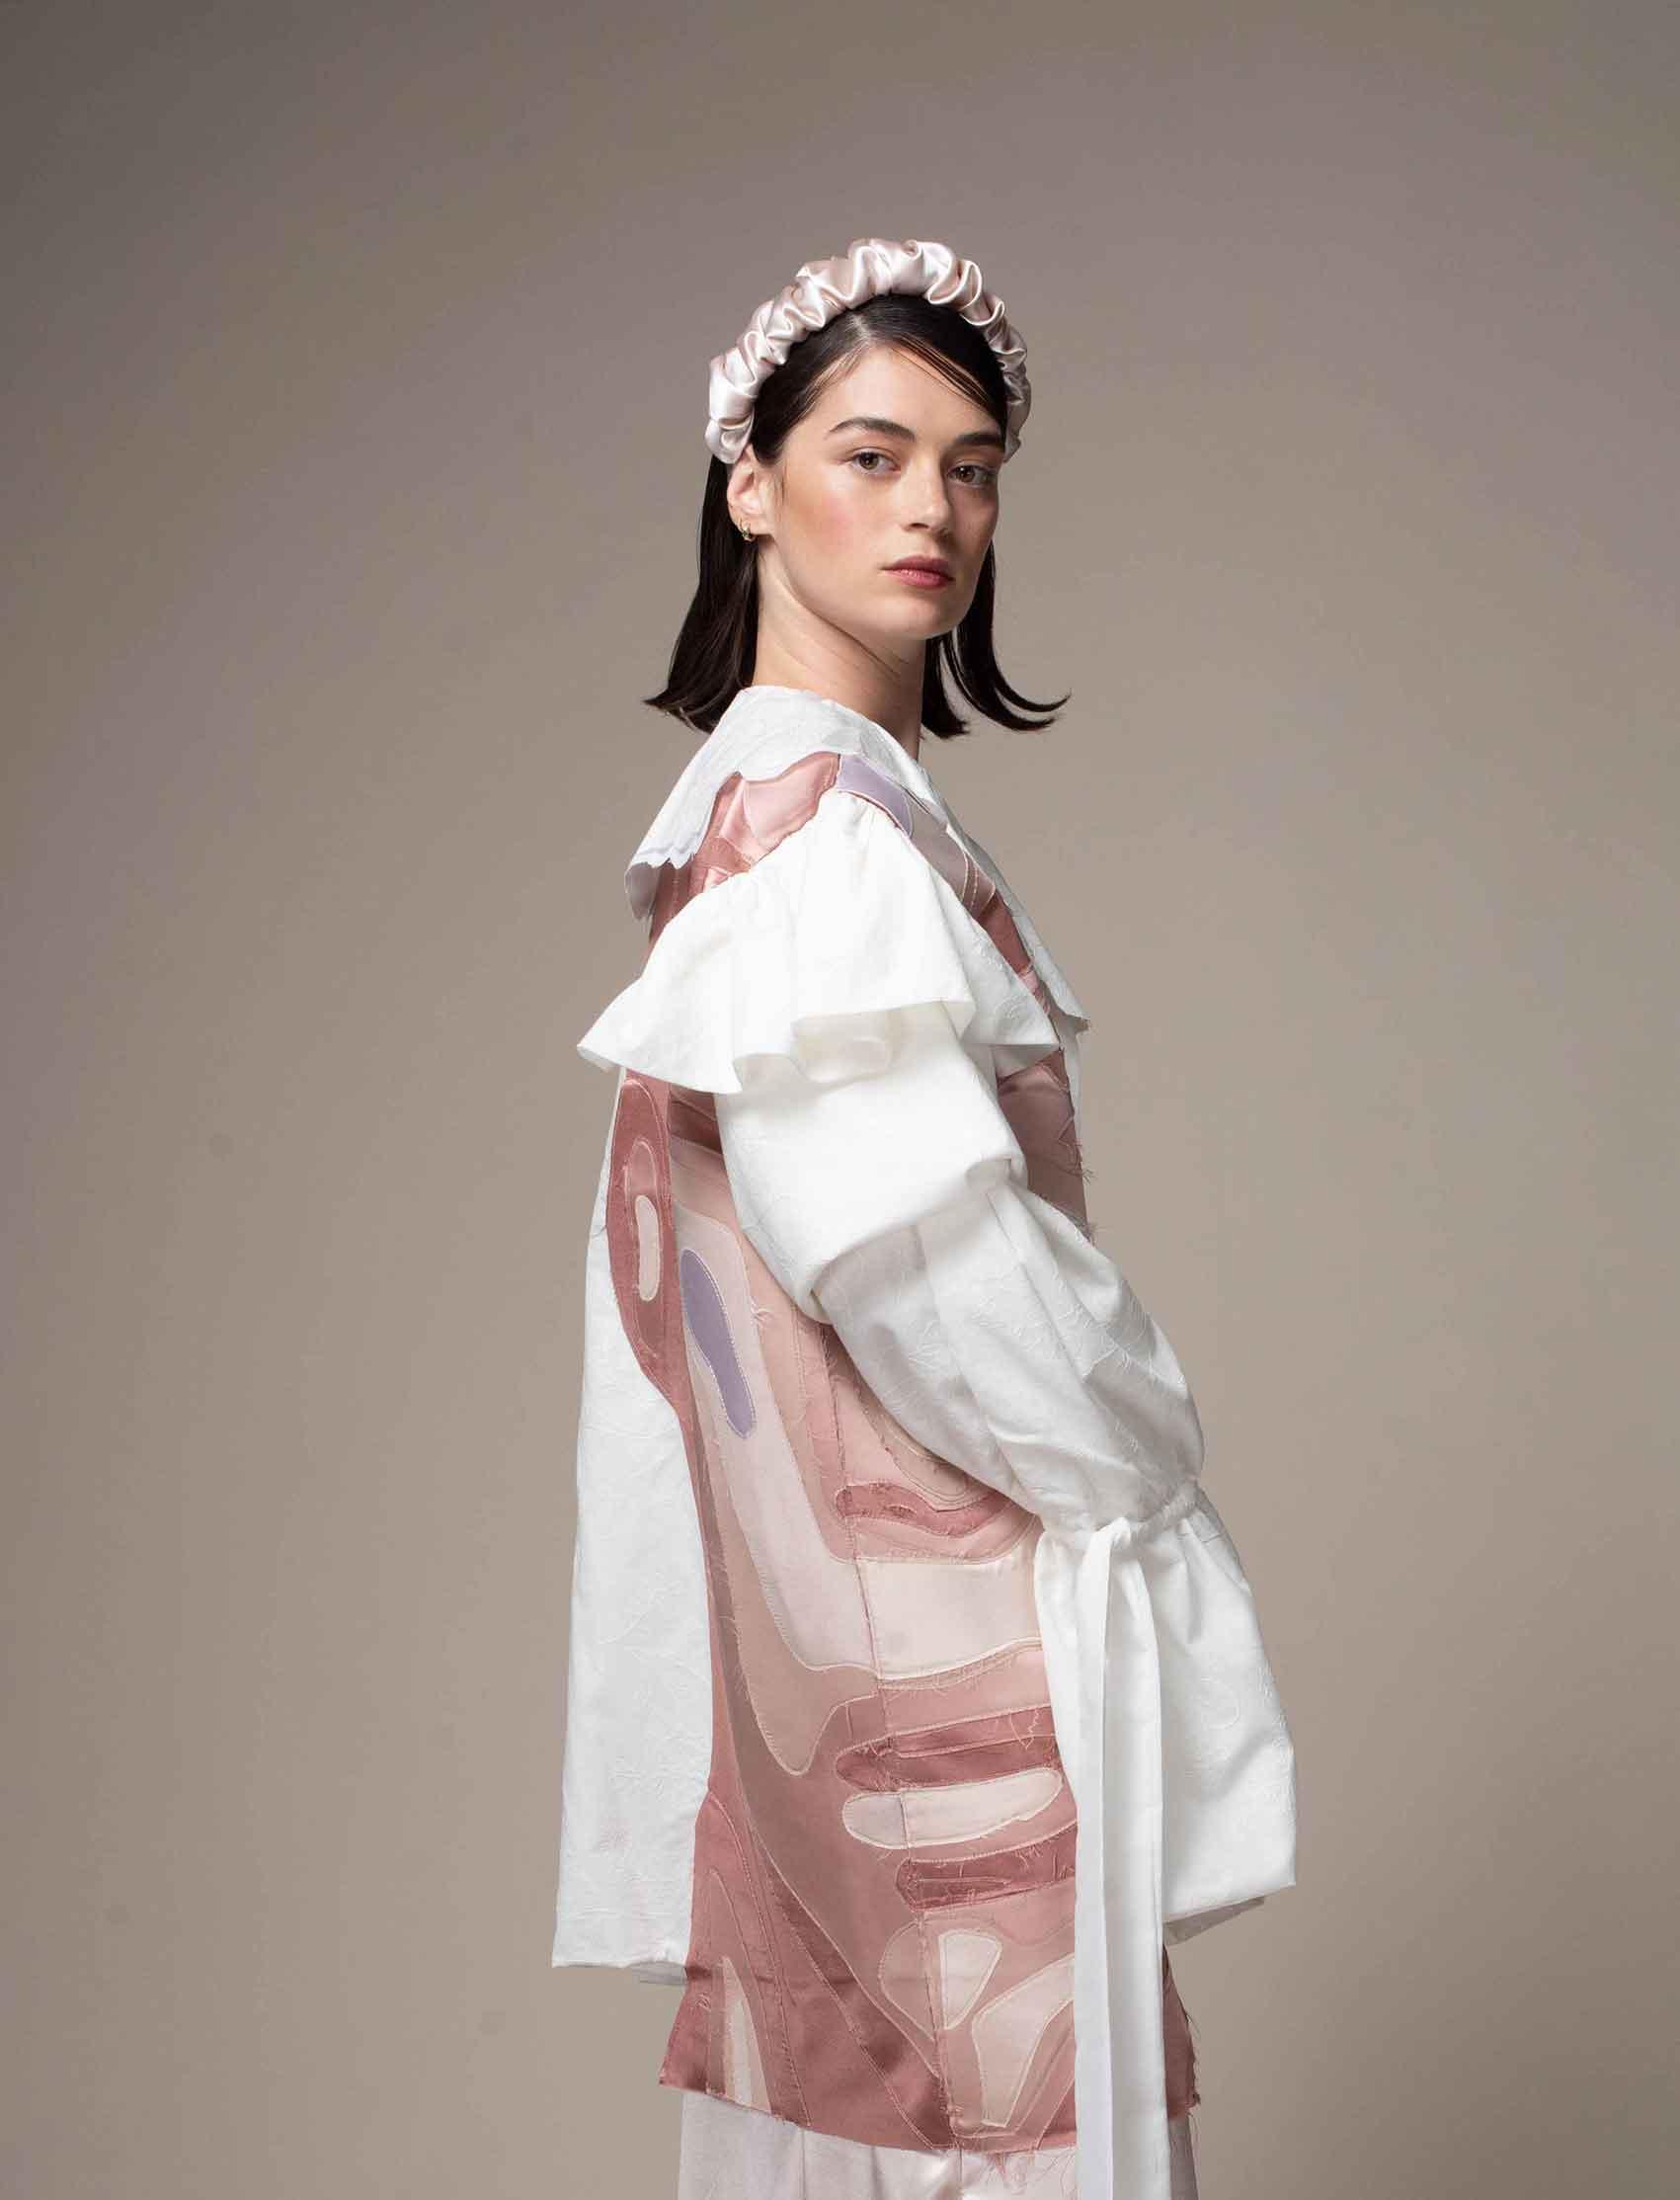 אין-דהאן-קולקיית-גמר-שנקר-2020-אופנה-מגזין-אופנה